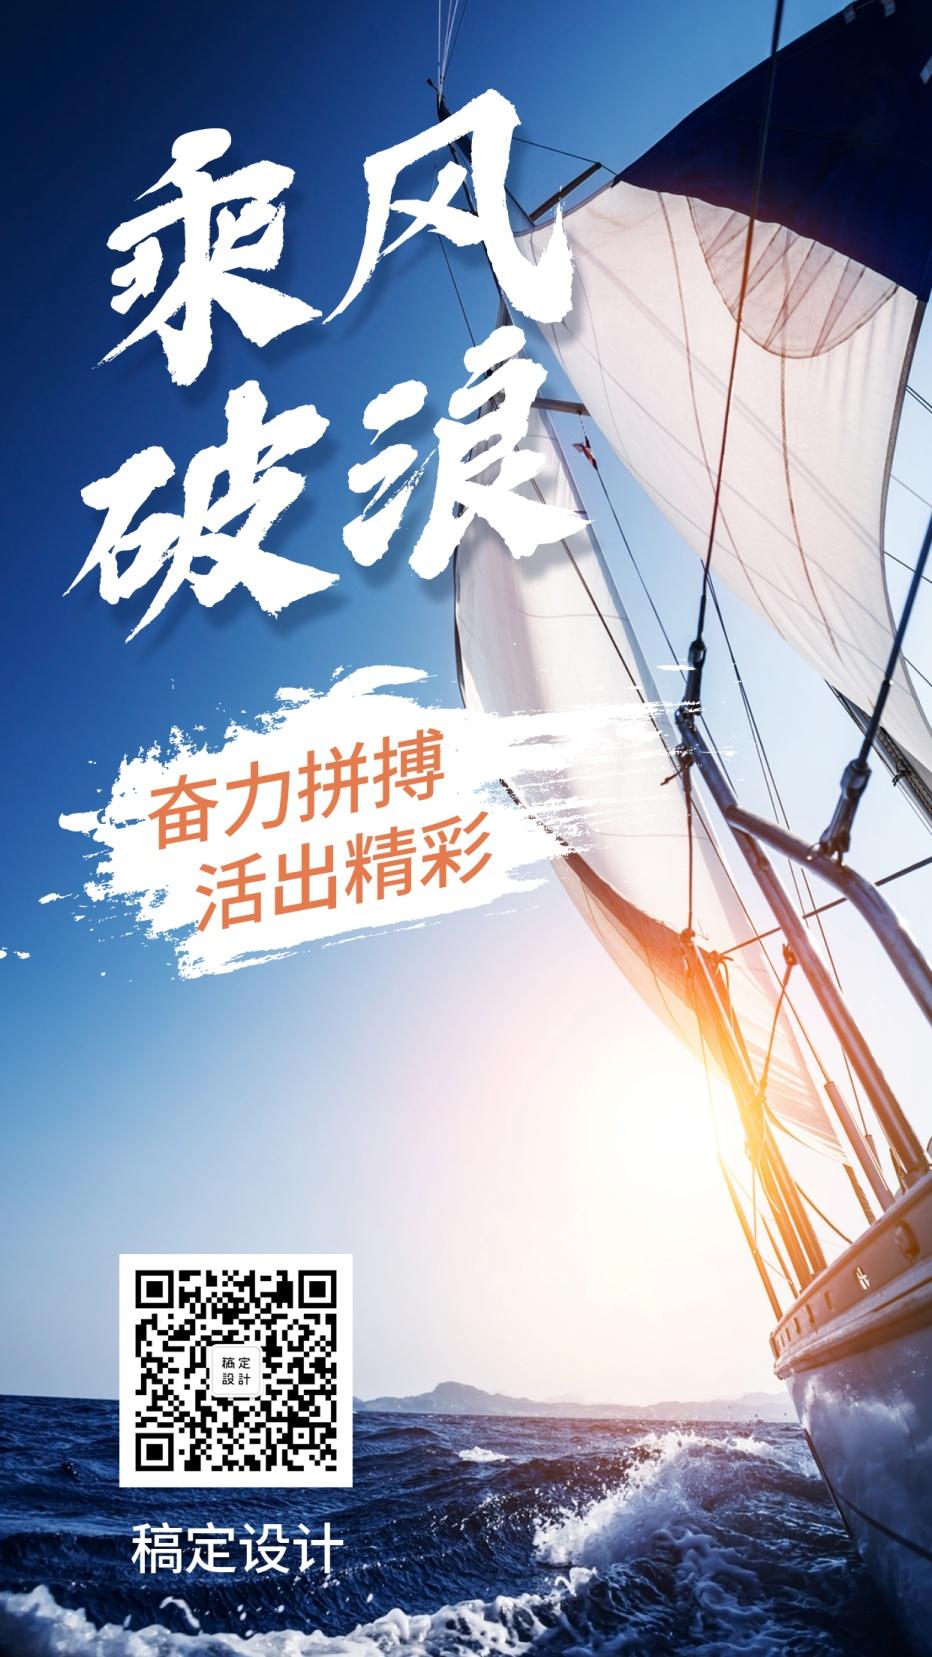 企业文化/励志正能量/实景/手机海报